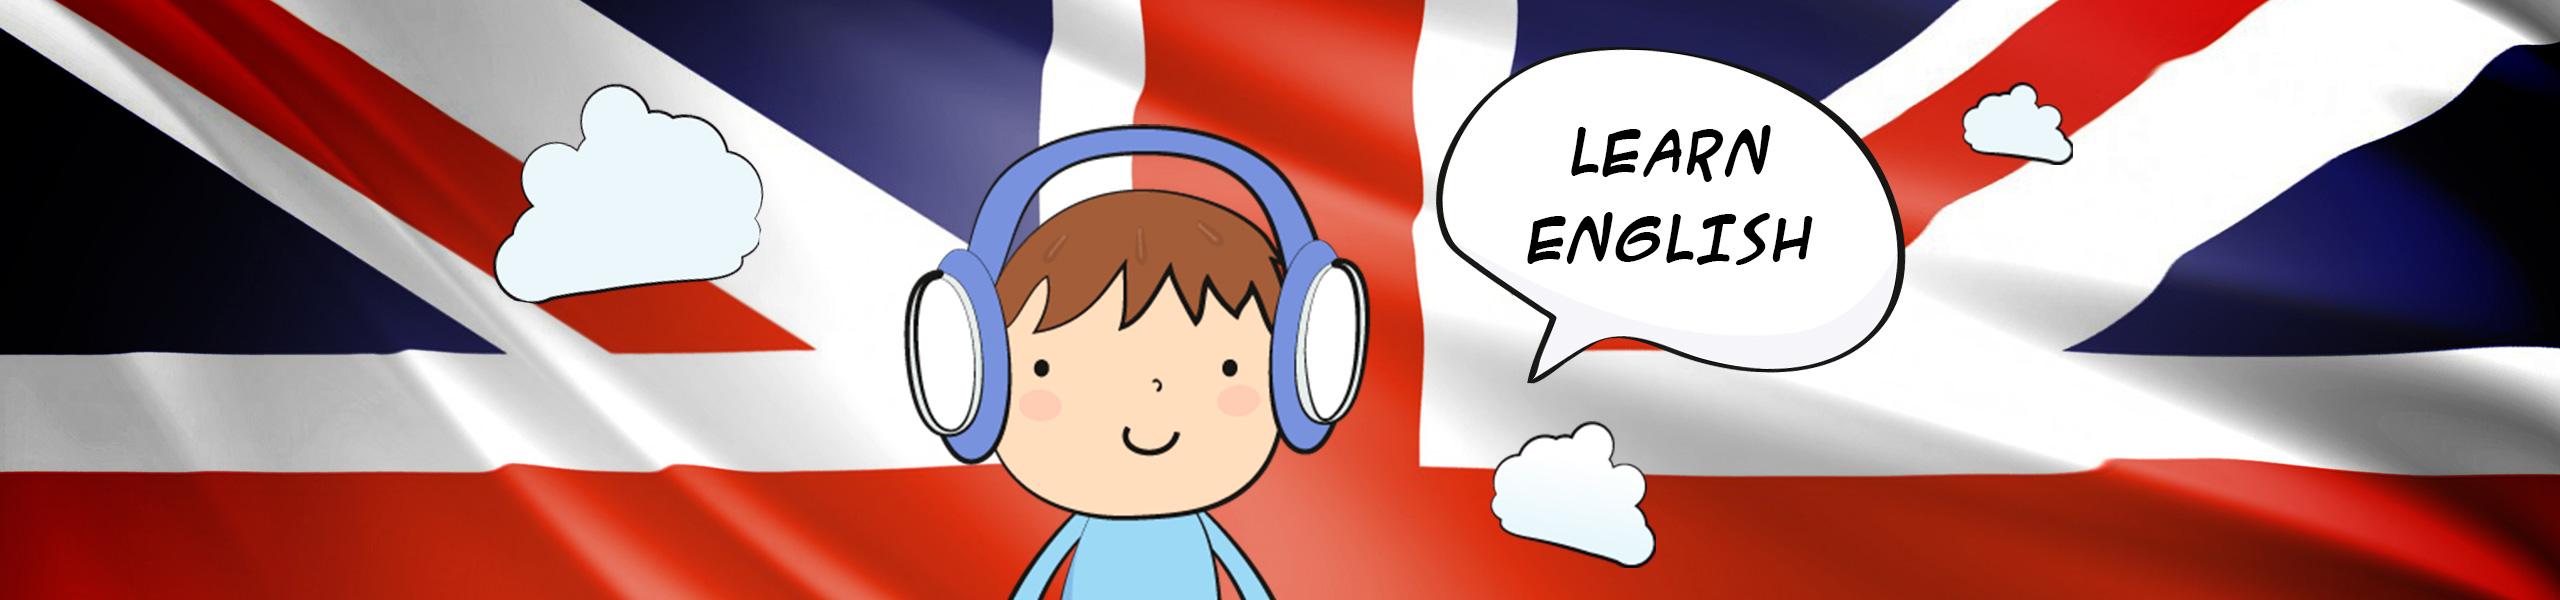 Aprender idiomas en edad infantil. Bambinos